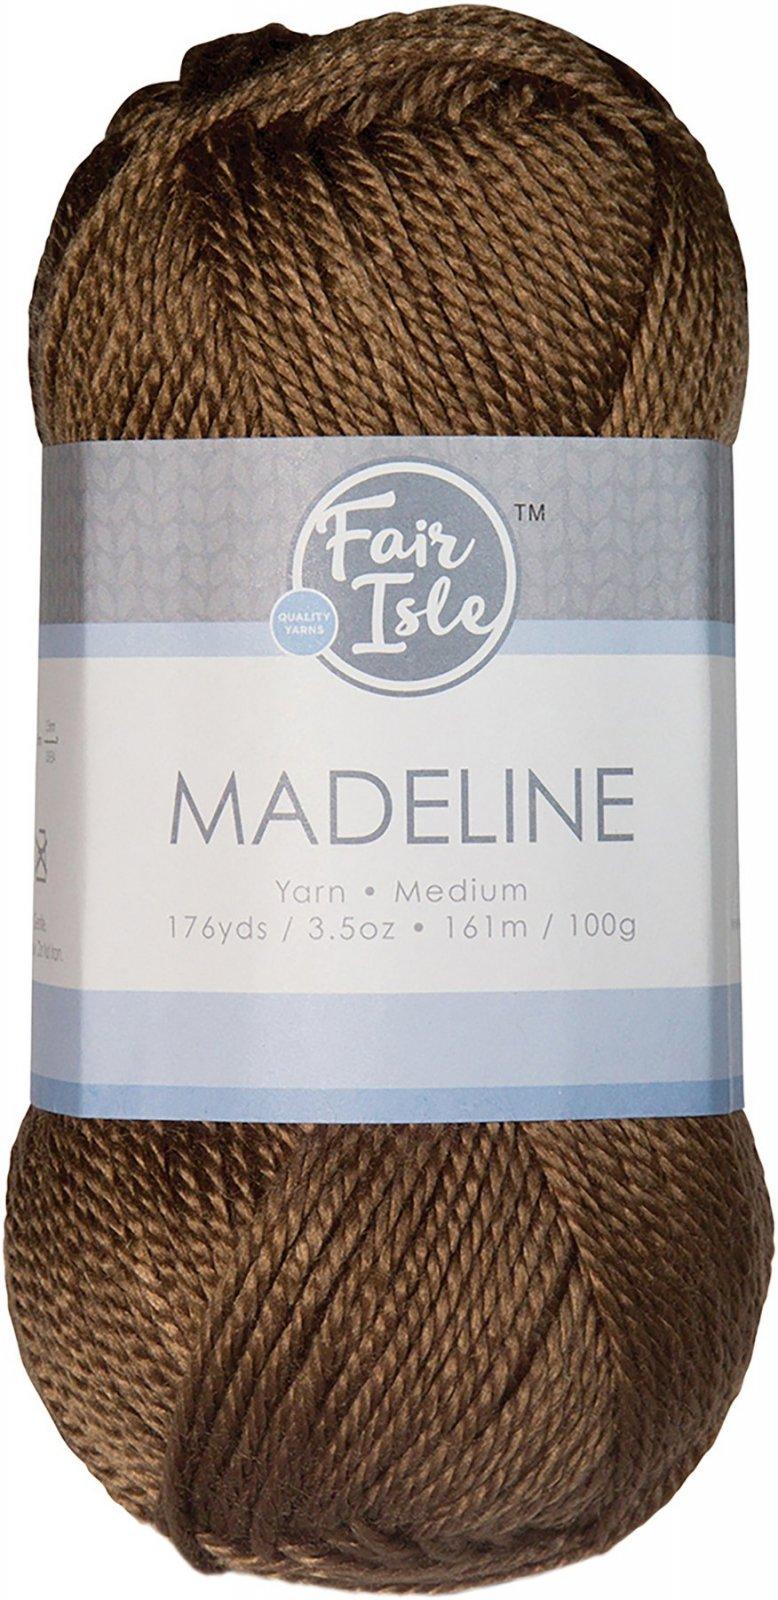 Fair Isle - Madeline - Walnut